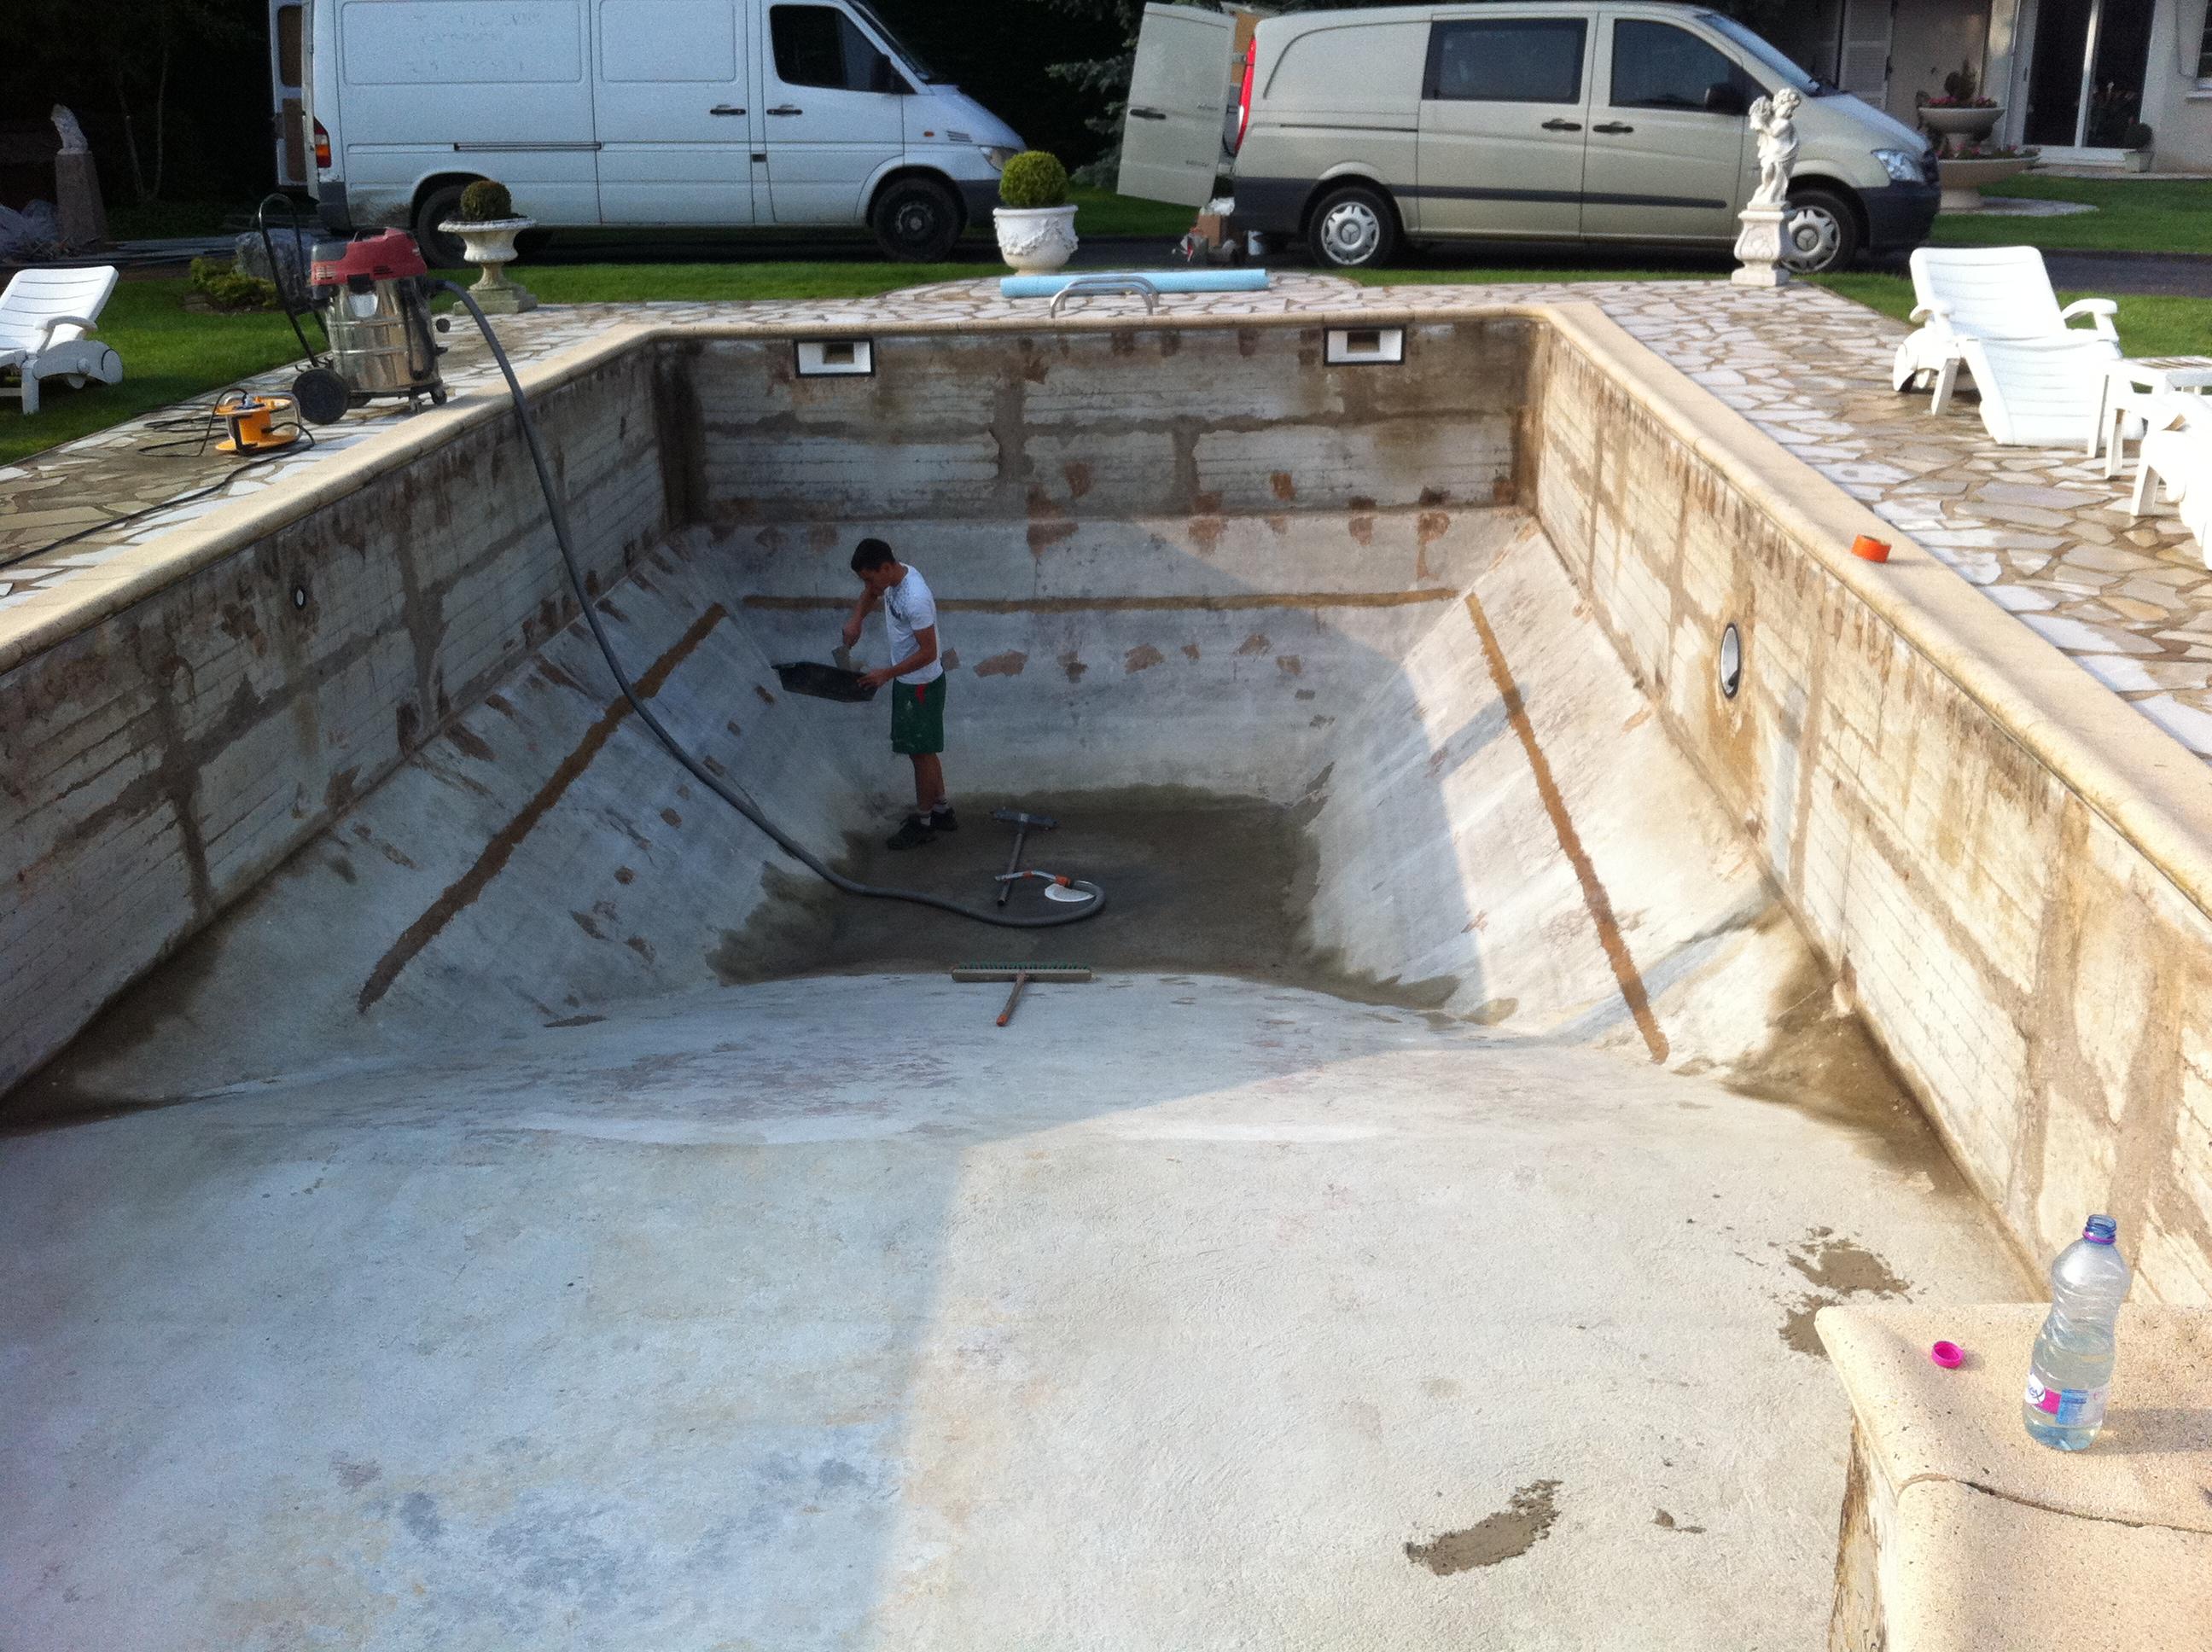 Rénovation d'un bassin, reprise de la maçonnerie avant pose du revêtement